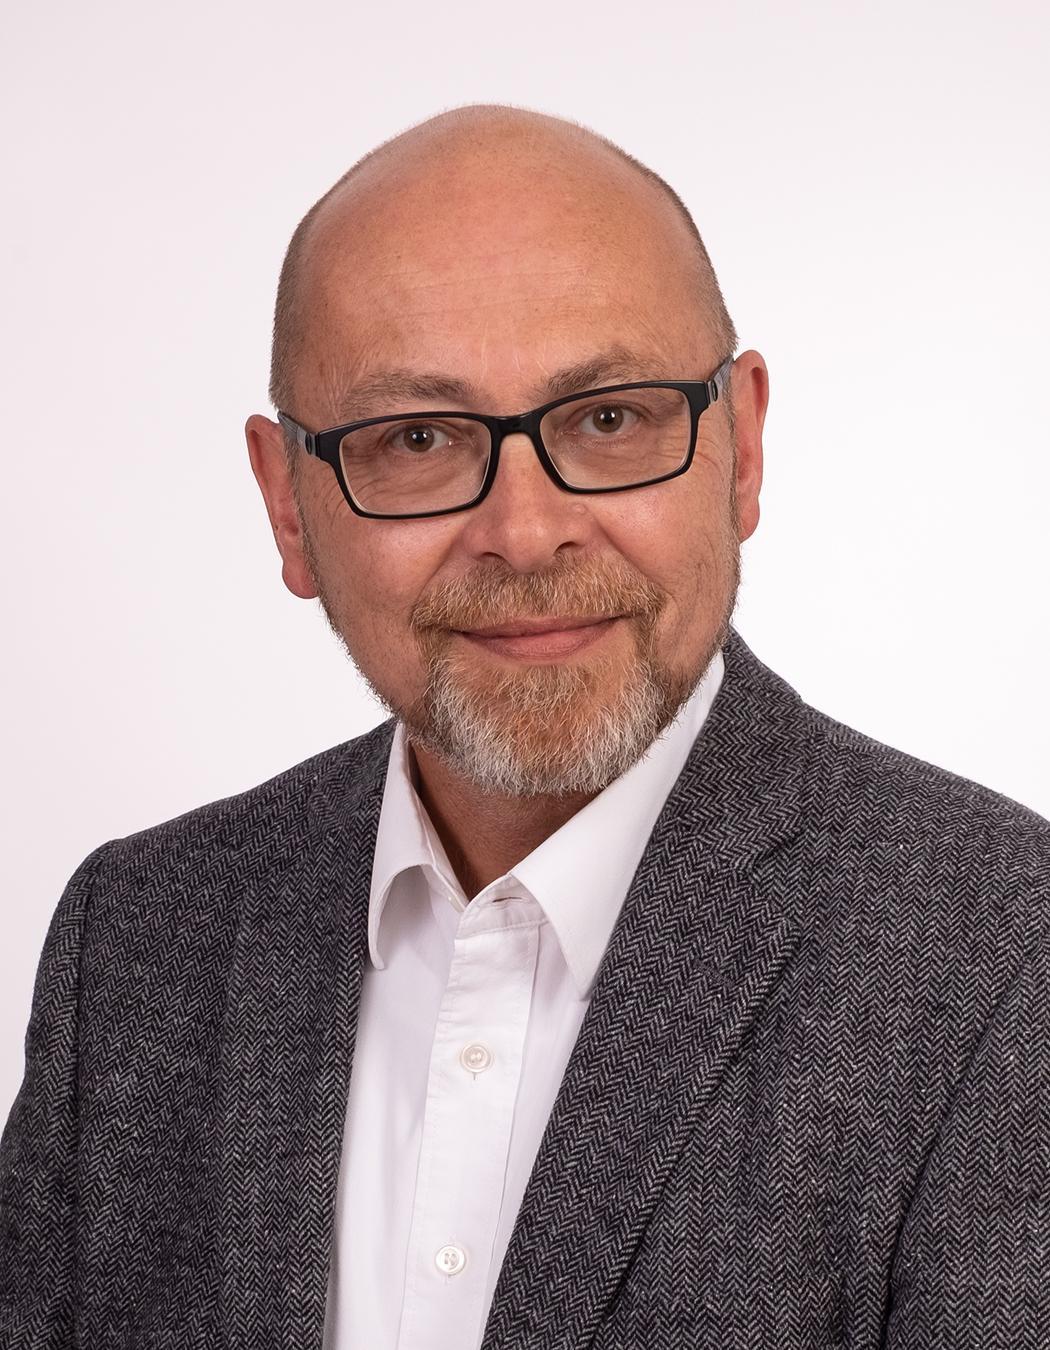 Udo Tröger